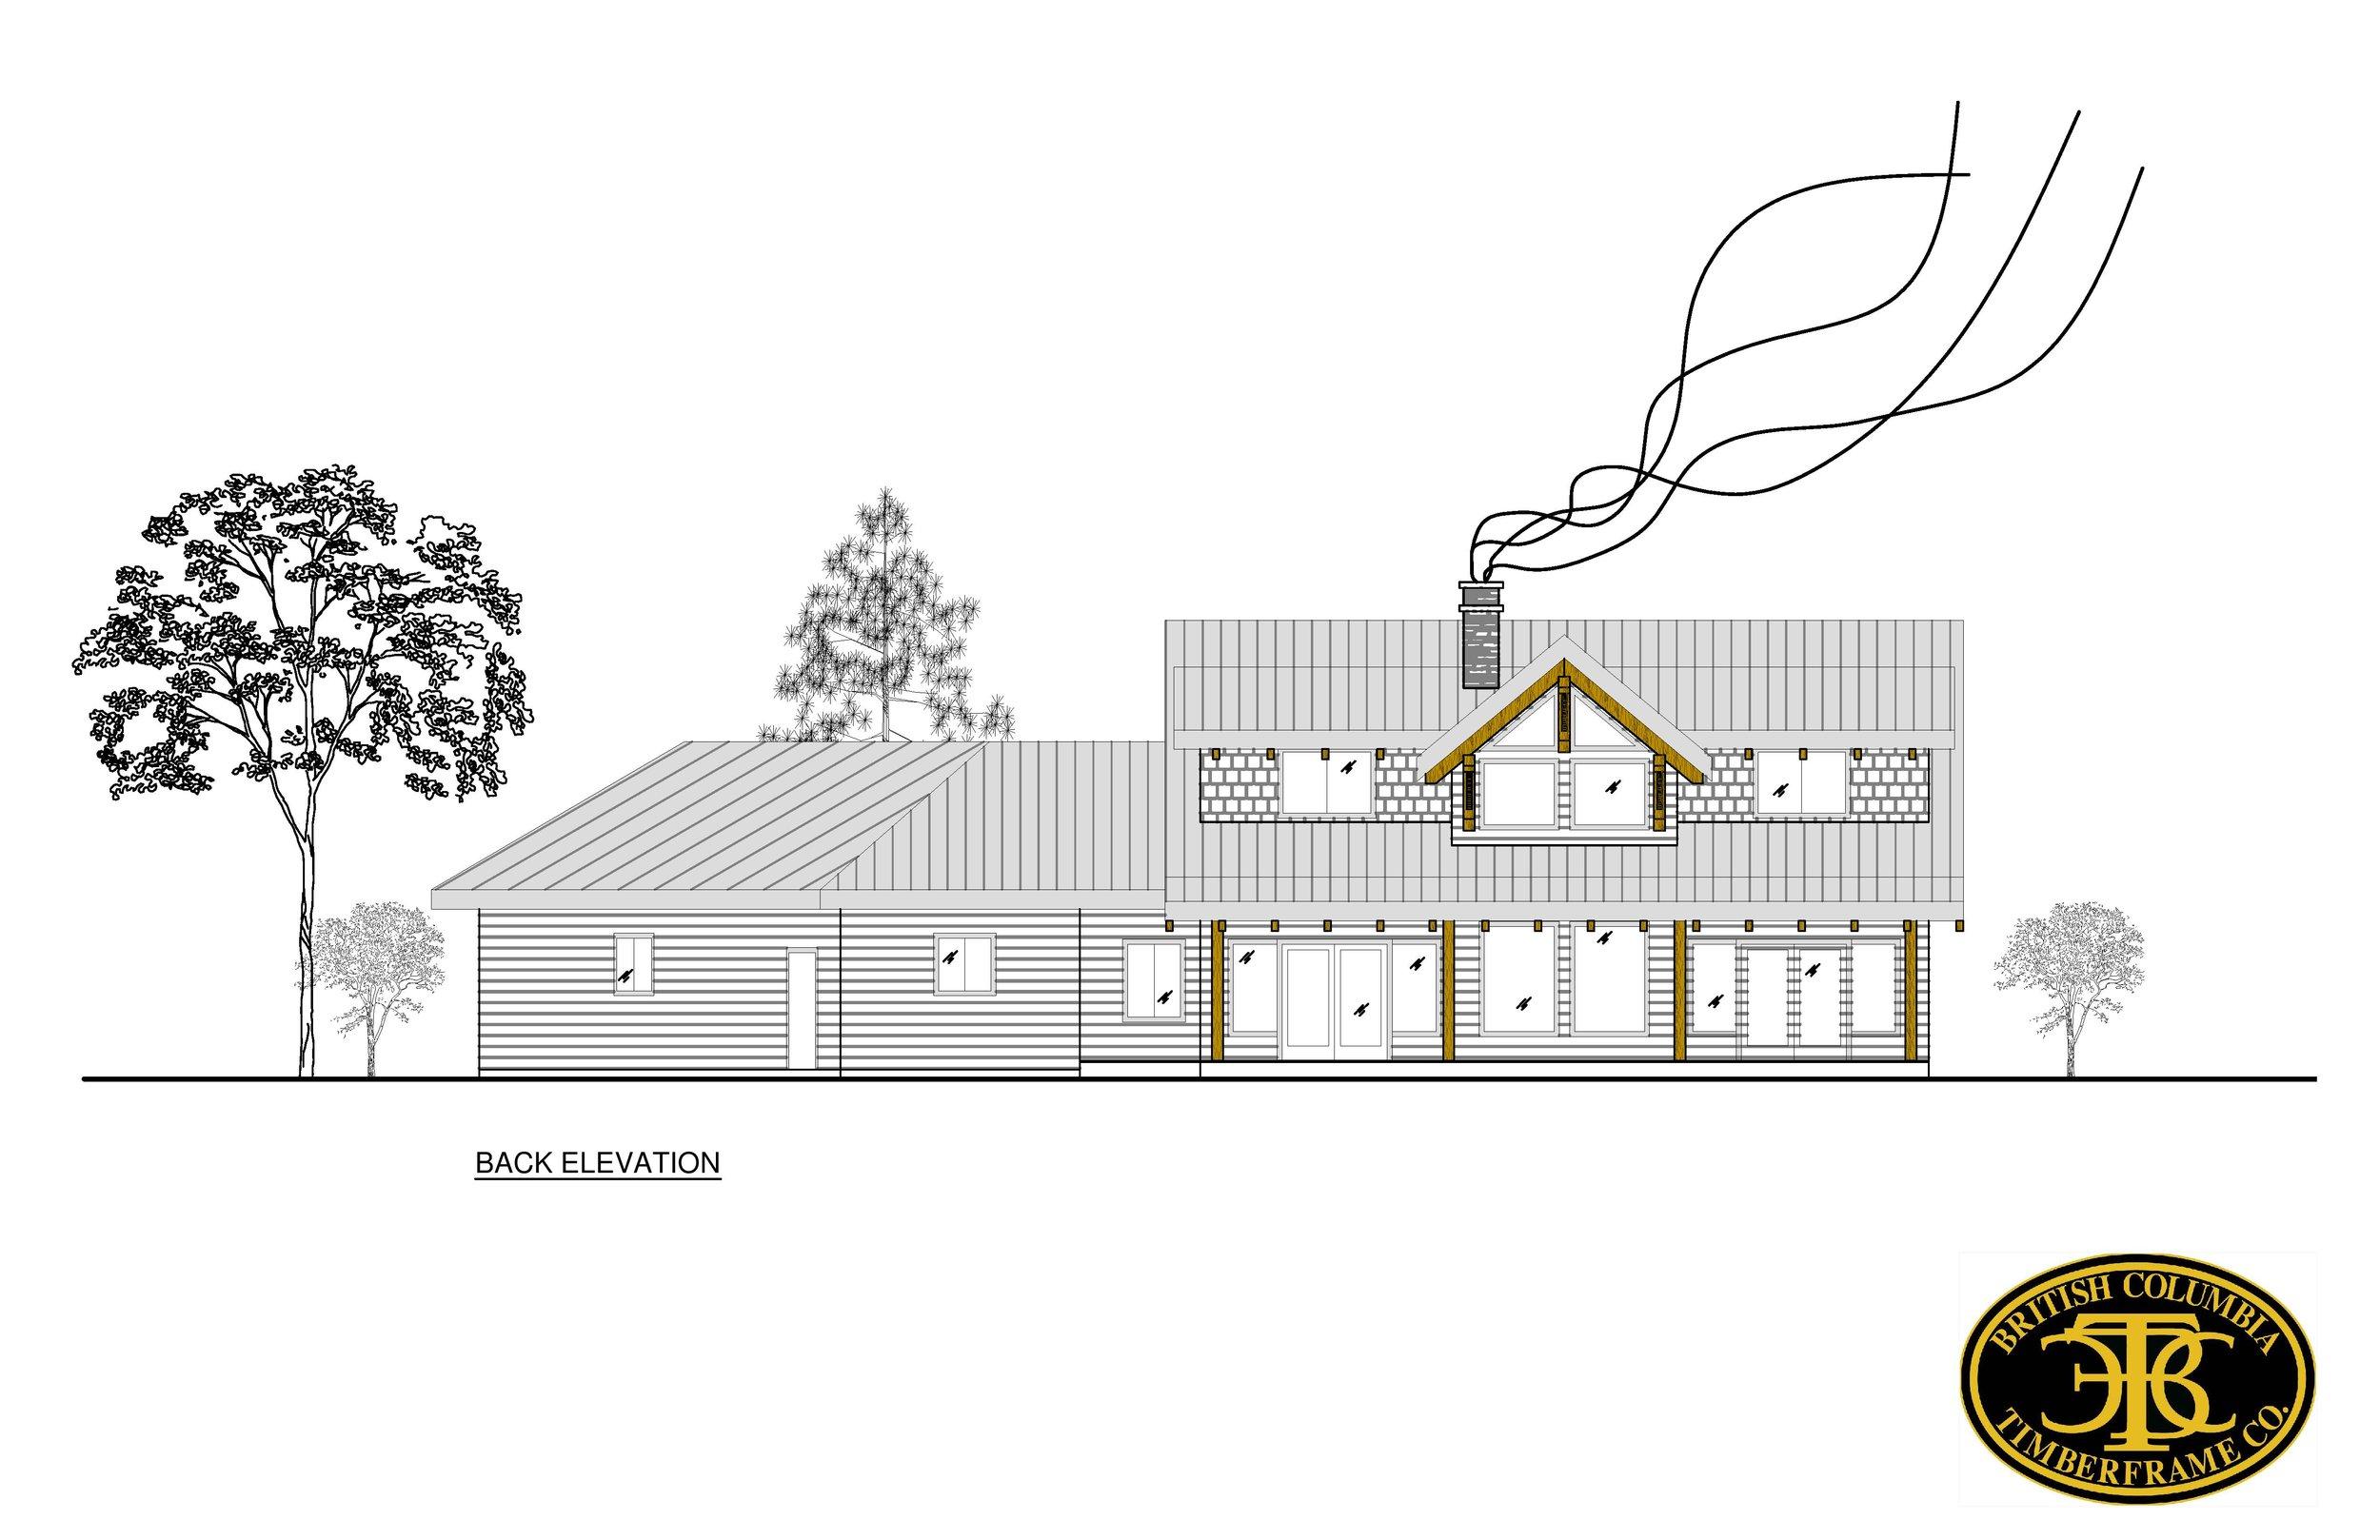 Fort St.John_Back Elevation-page-001.jpg